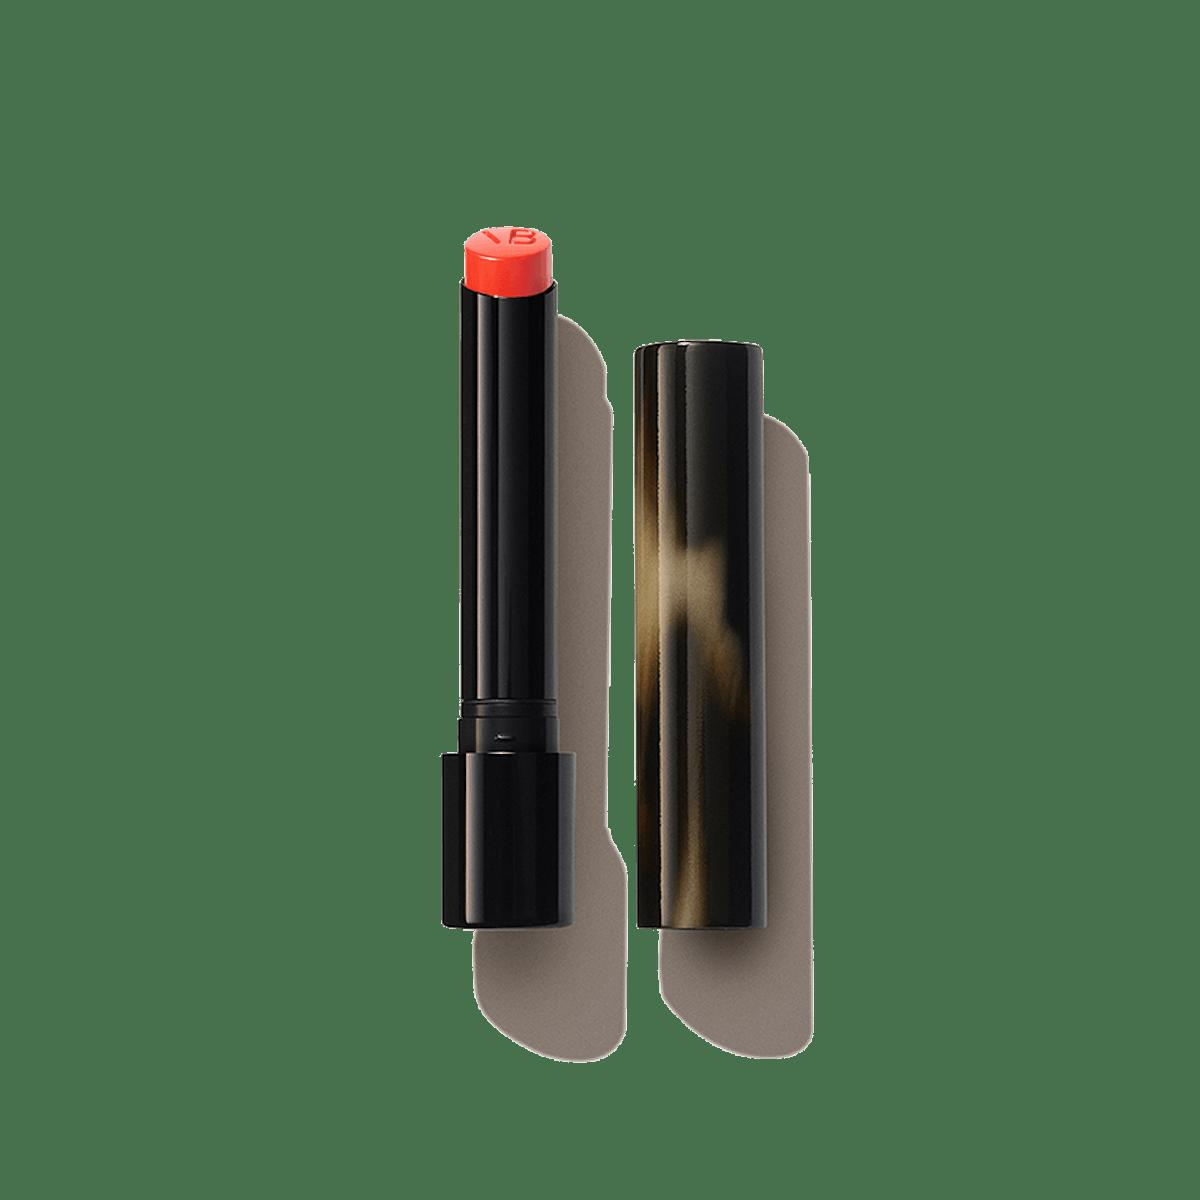 Posh Lipstick in Fire